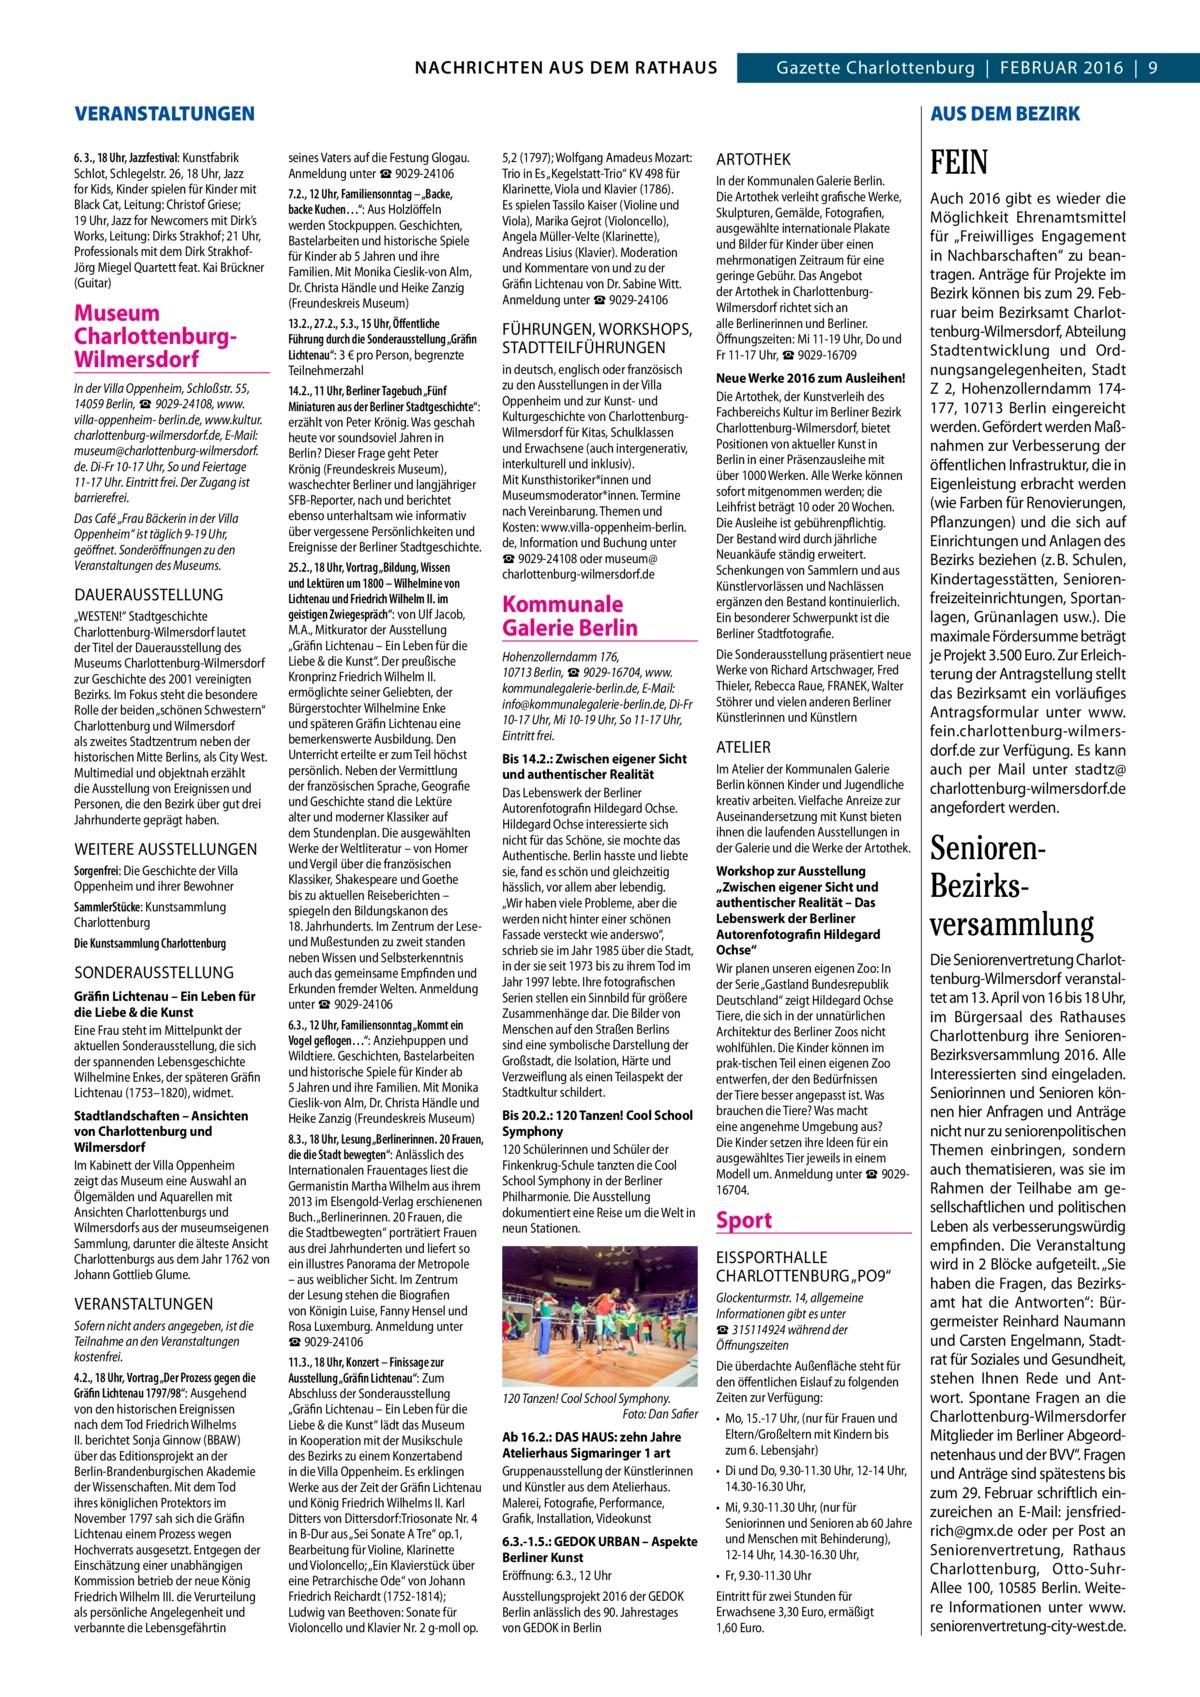 """GAZETTE Wilmersdorf 2/16  NACHRICHTEN AUS DEM RATHAUS 3 NACHRICHTEN AUS DEM RATHAUS Gazette Charlottenburg Februar 2016 9  VERANSTALTUNGEN 6. 3., 18Uhr, Jazzfestival: Kunstfabrik Schlot, Schlegelstr.26, 18Uhr, Jazz for Kids, Kinder spielen für Kinder mit Black Cat, Leitung: Christof Griese; 19Uhr, Jazz for Newcomers mit Dirk's Works, Leitung: Dirks Strakhof; 21Uhr, Professionals mit dem Dirk StrakhofJörg Miegel Quartett feat. Kai Brückner (Guitar)  Museum CharlottenburgWilmersdorf In der Villa Oppenheim, Schloßstr.55, 14059Berlin, ☎9029-24108, www. villa-oppenheim- berlin.de, www.kultur. charlottenburg-wilmersdorf.de, E-Mail: museum@charlottenburg-wilmersdorf. de. Di-Fr 10-17Uhr, So und Feiertage 11-17Uhr. Eintritt frei. Der Zugang ist barrierefrei. Das Café """"Frau Bäckerin in der Villa Oppenheim"""" ist täglich 9-19Uhr, geöffnet. Sonderöffnungen zu den Veranstaltungen des Museums.  DauerauSSTeLLuNG """"WESTEN!"""" Stadtgeschichte Charlottenburg-Wilmersdorf lautet der Titel der Dauerausstellung des Museums Charlottenburg-Wilmersdorf zur Geschichte des 2001 vereinigten Bezirks. Im Fokus steht die besondere Rolle der beiden """"schönen Schwestern"""" Charlottenburg und Wilmersdorf als zweites Stadtzentrum neben der historischen Mitte Berlins, als City West. Multimedial und objektnah erzählt die Ausstellung von Ereignissen und Personen, die den Bezirk über gut drei Jahrhunderte geprägt haben.  WeITere auSSTeLLuNGeN Sorgenfrei: Die Geschichte der Villa Oppenheim und ihrer Bewohner SammlerStücke: Kunstsammlung Charlottenburg Die Kunstsammlung Charlottenburg  SONDerauSSTeLLuNG Gräfin Lichtenau – Ein Leben für die Liebe & die Kunst Eine Frau steht im Mittelpunkt der aktuellen Sonderausstellung, die sich der spannenden Lebensgeschichte Wilhelmine Enkes, der späteren Gräfin Lichtenau (1753–1820), widmet. Stadtlandschaften – Ansichten von Charlottenburg und Wilmersdorf Im Kabinett der Villa Oppenheim zeigt das Museum eine Auswahl an Ölgemälden und Aquarellen mit Ansichten Charlottenburgs und"""